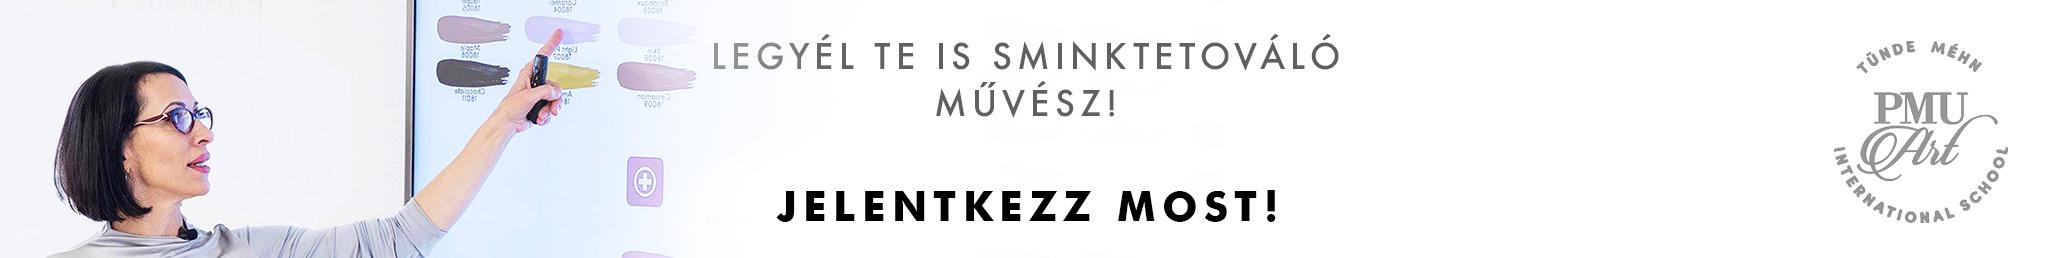 Mehn_Tunde_hetpartnere